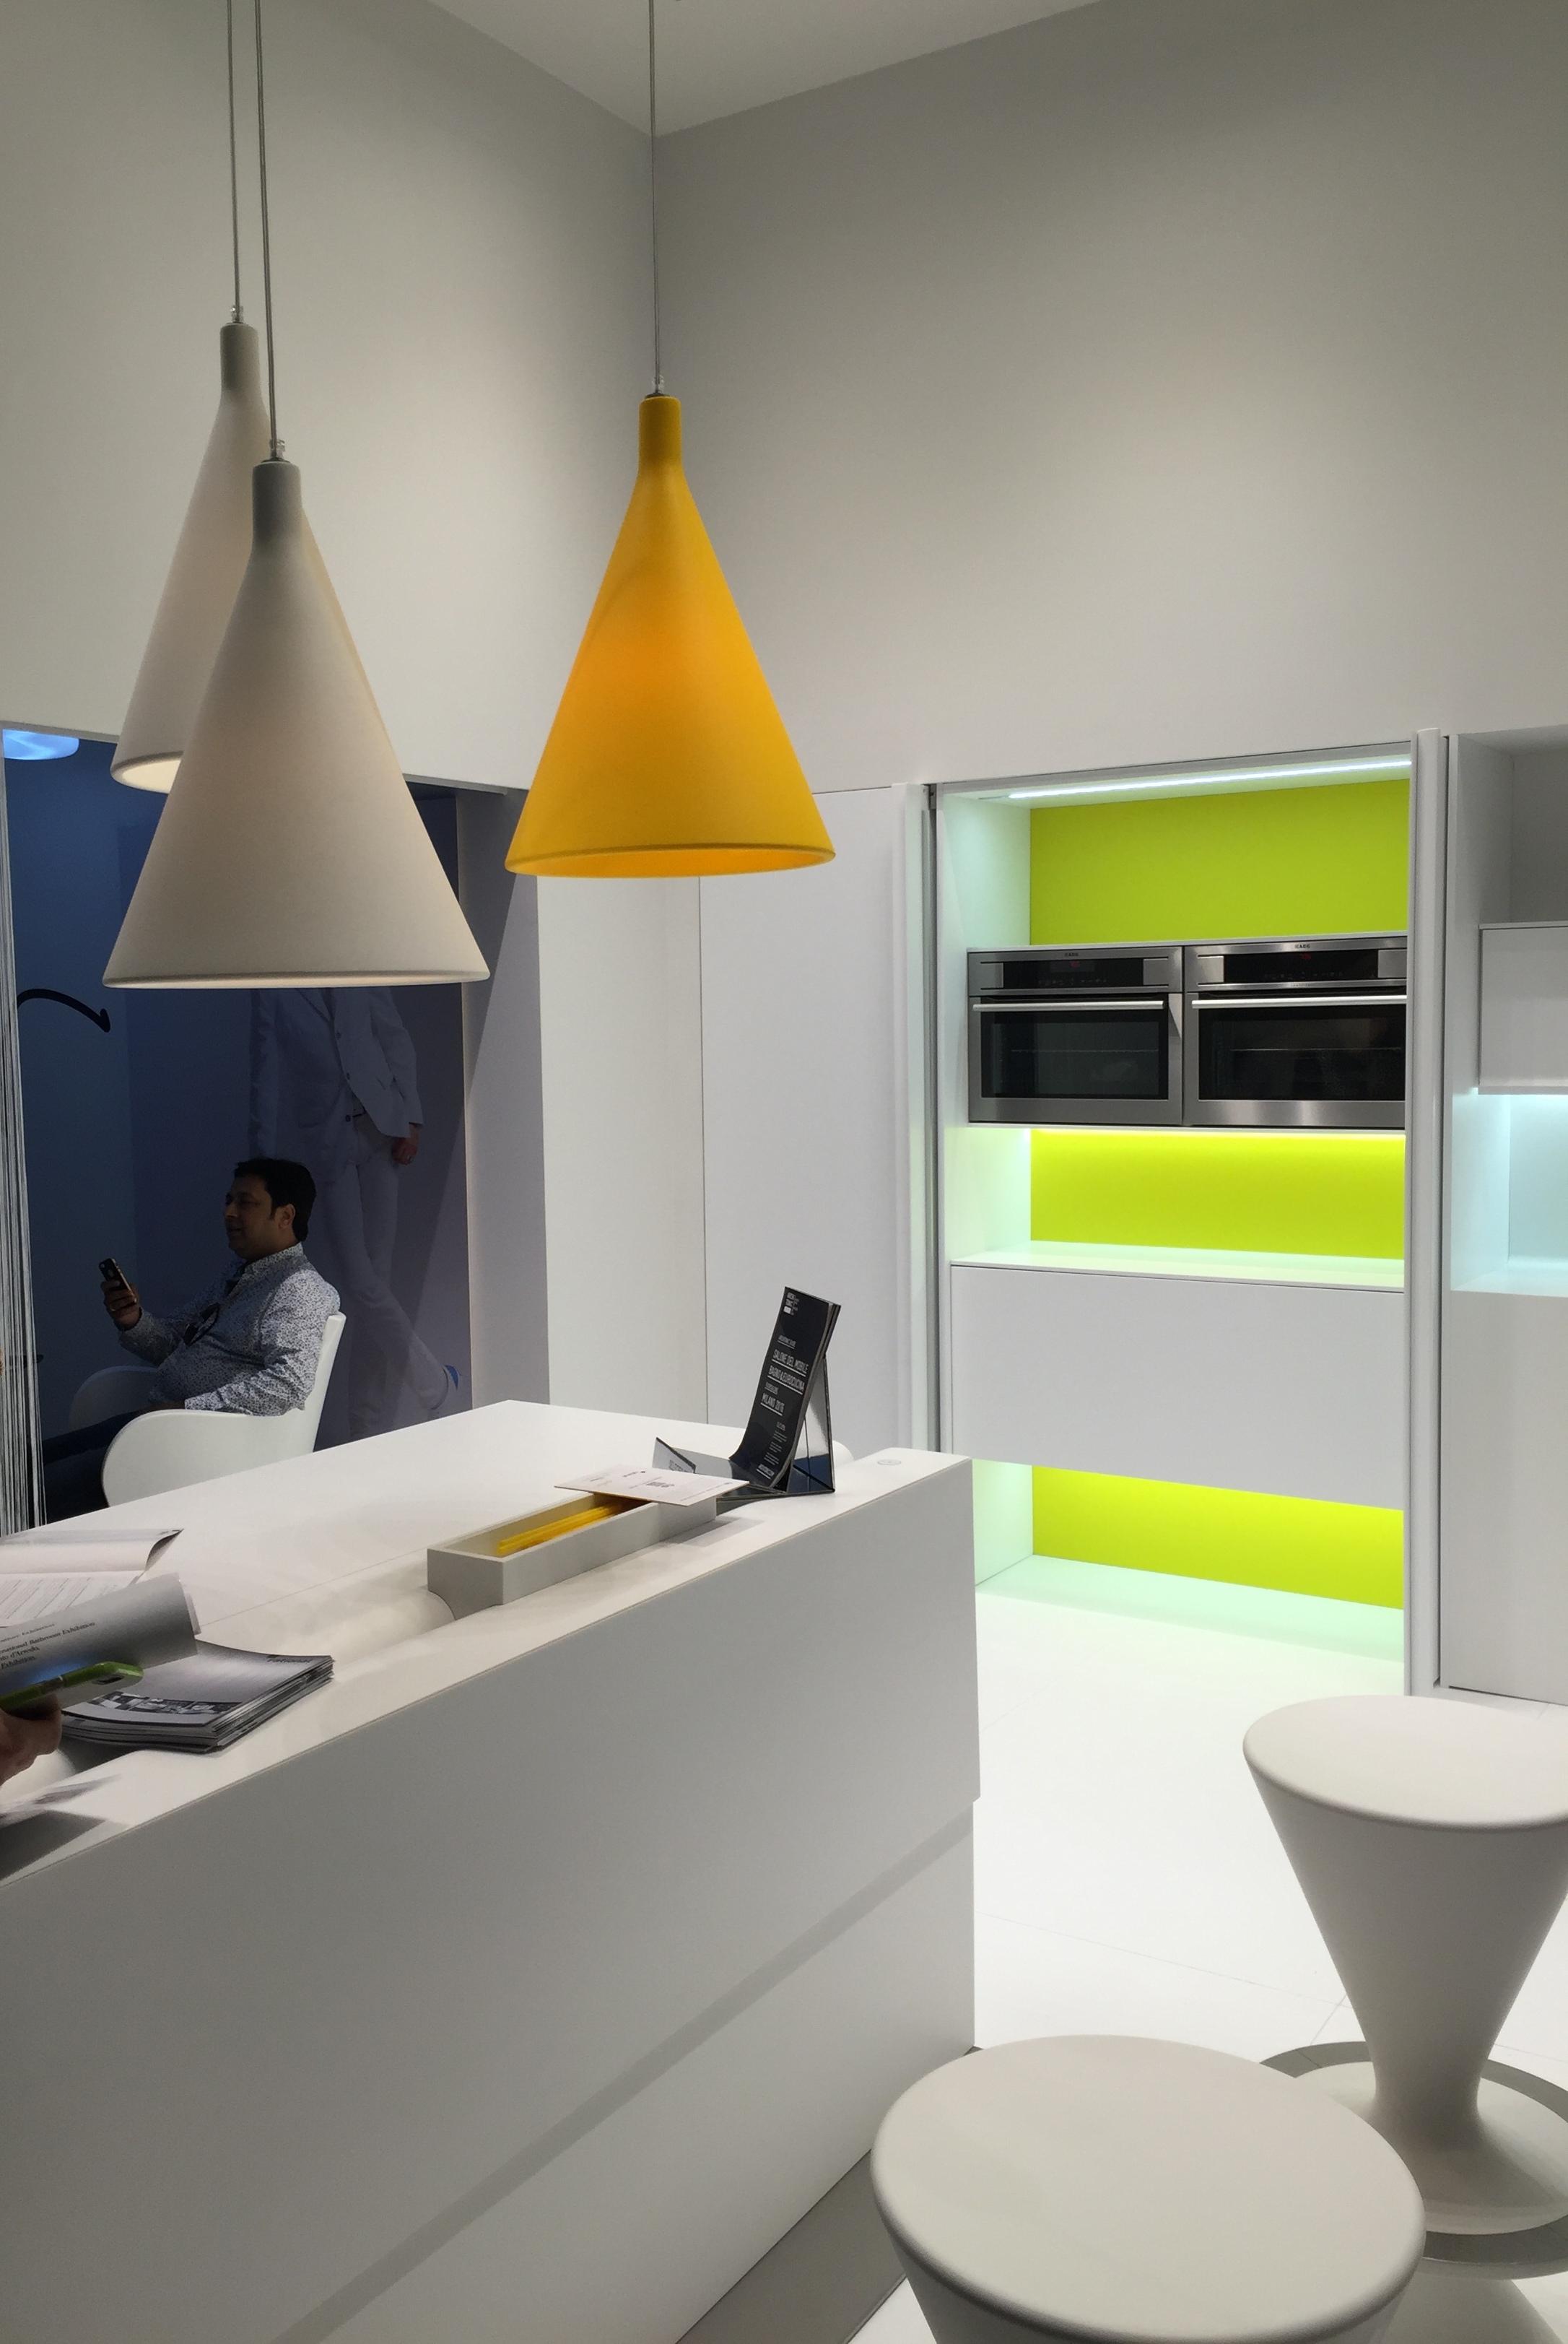 Salone del mobile in milano 2016 studio cafassolano - Salone del mobile torino ...